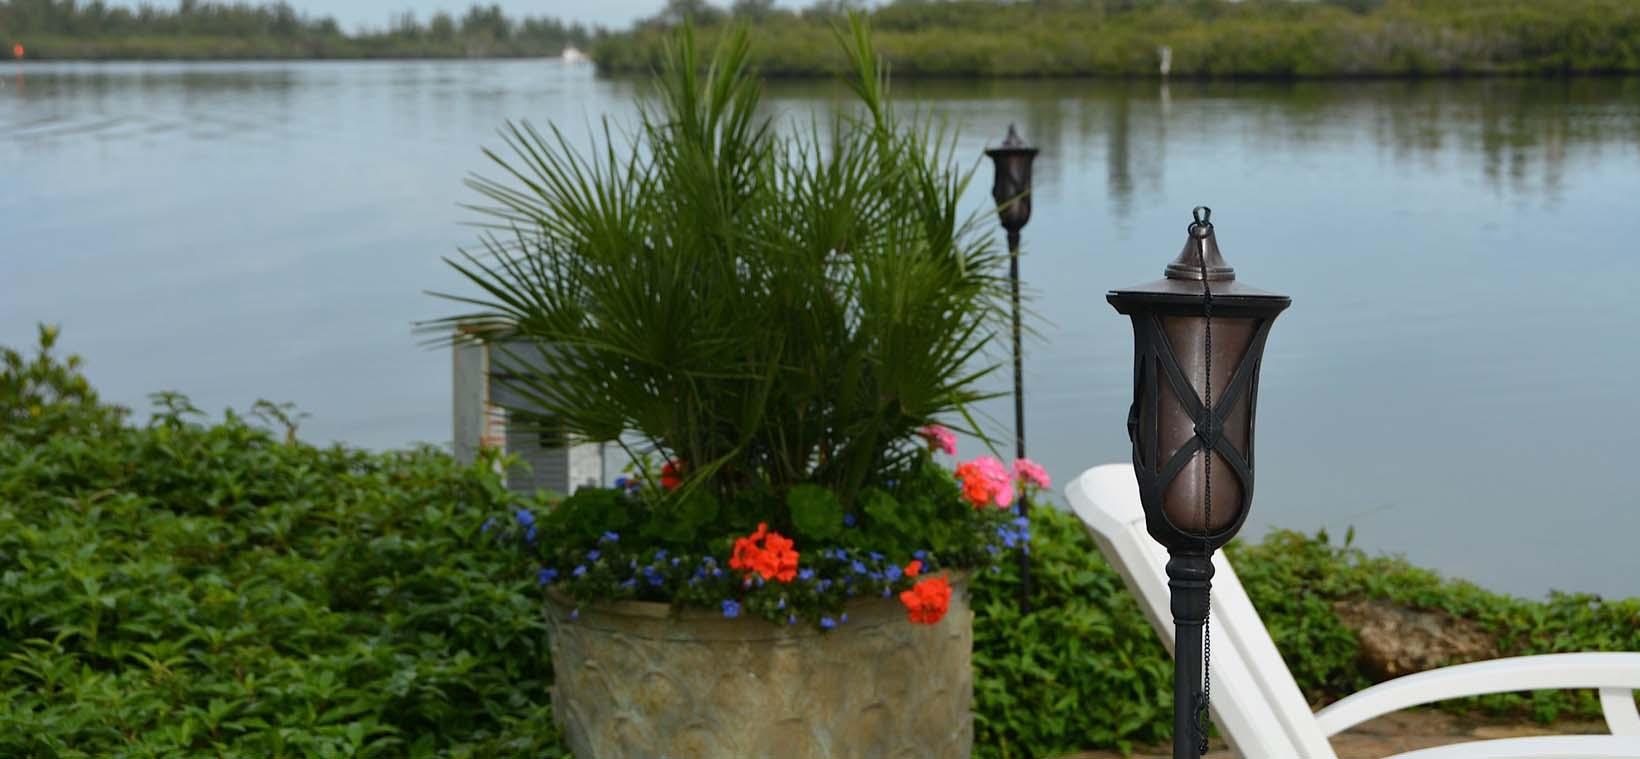 aiello-landscape_container-plants-river